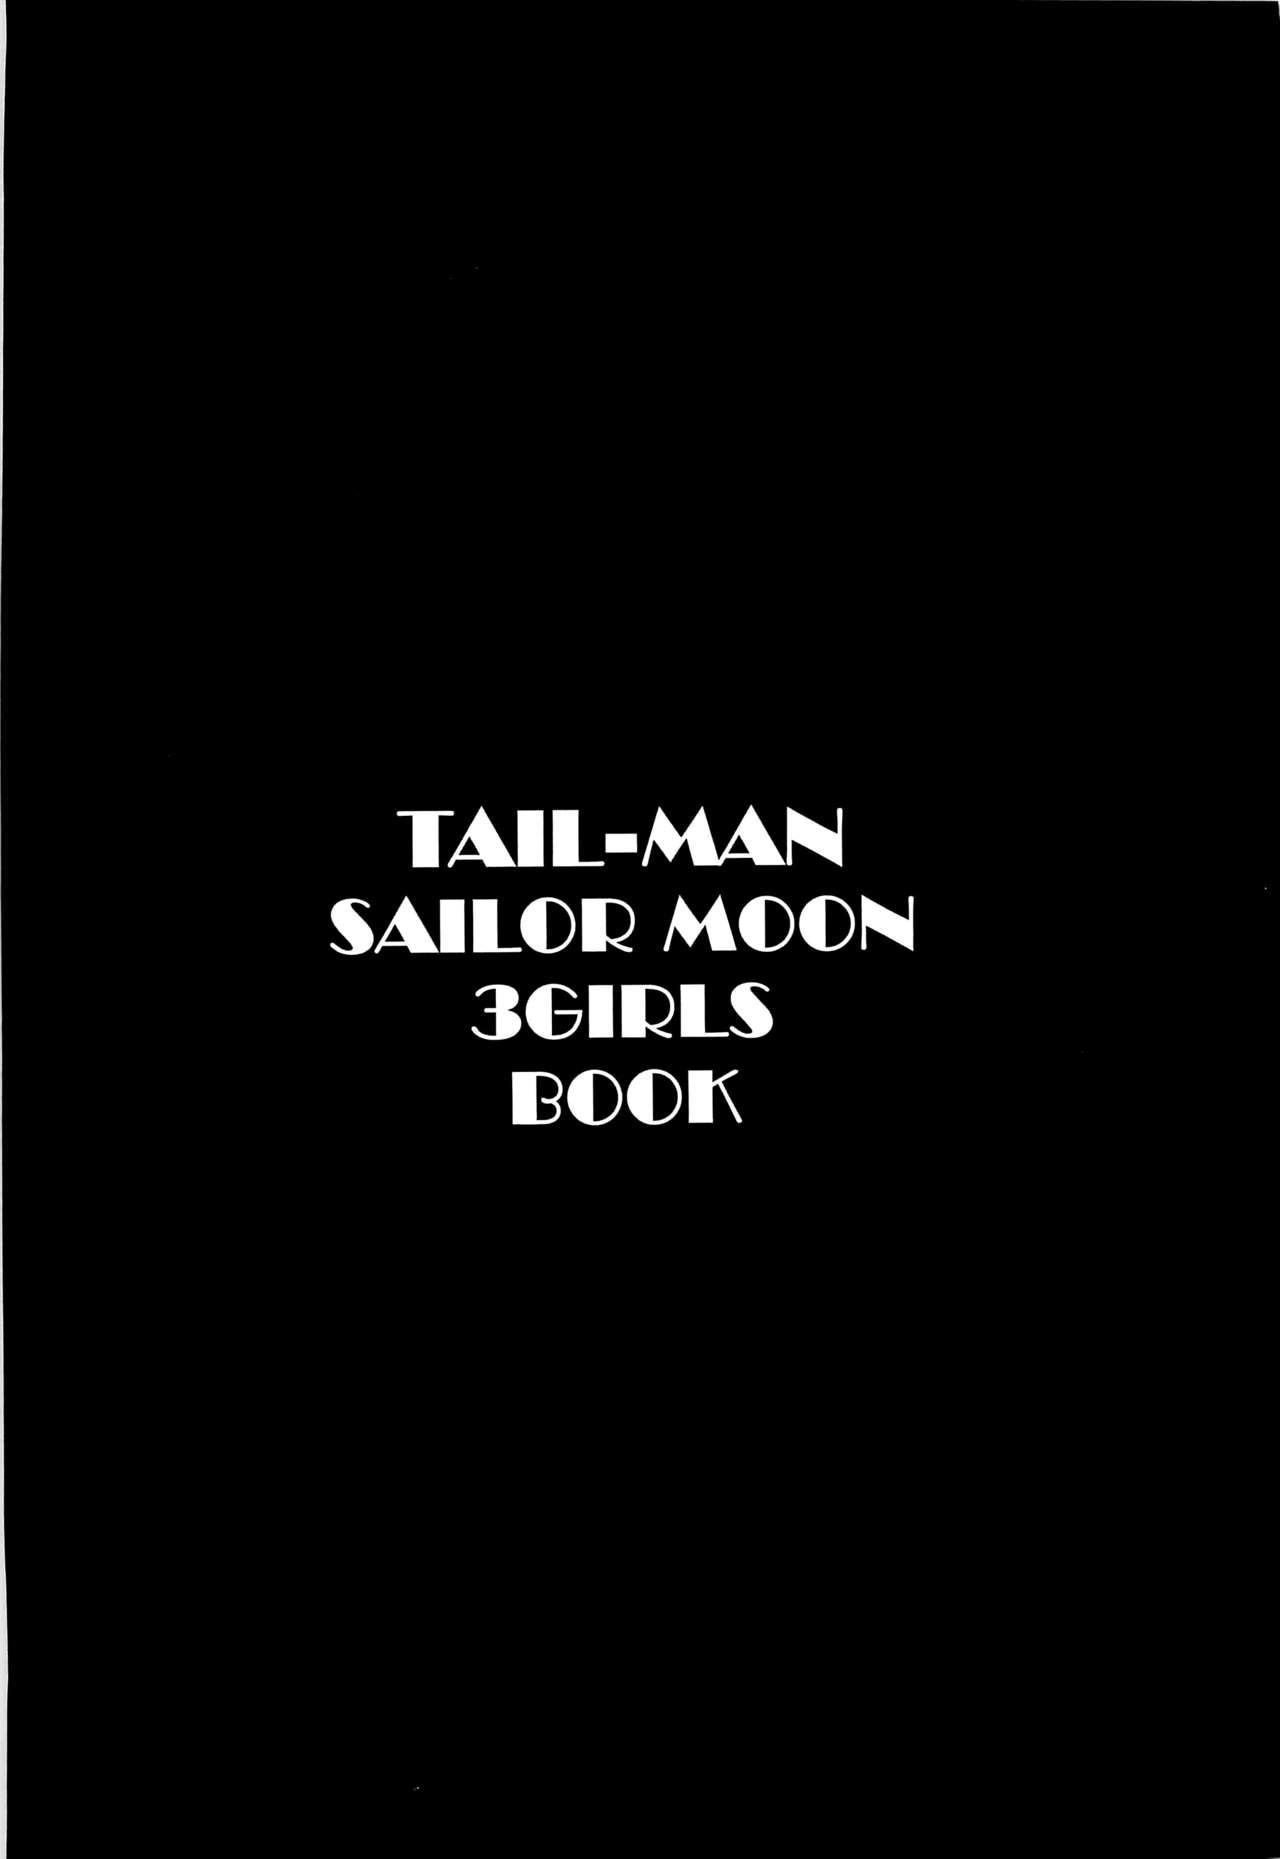 TAIL-MAN SAILORMOON 3GIRLS BOOK 1